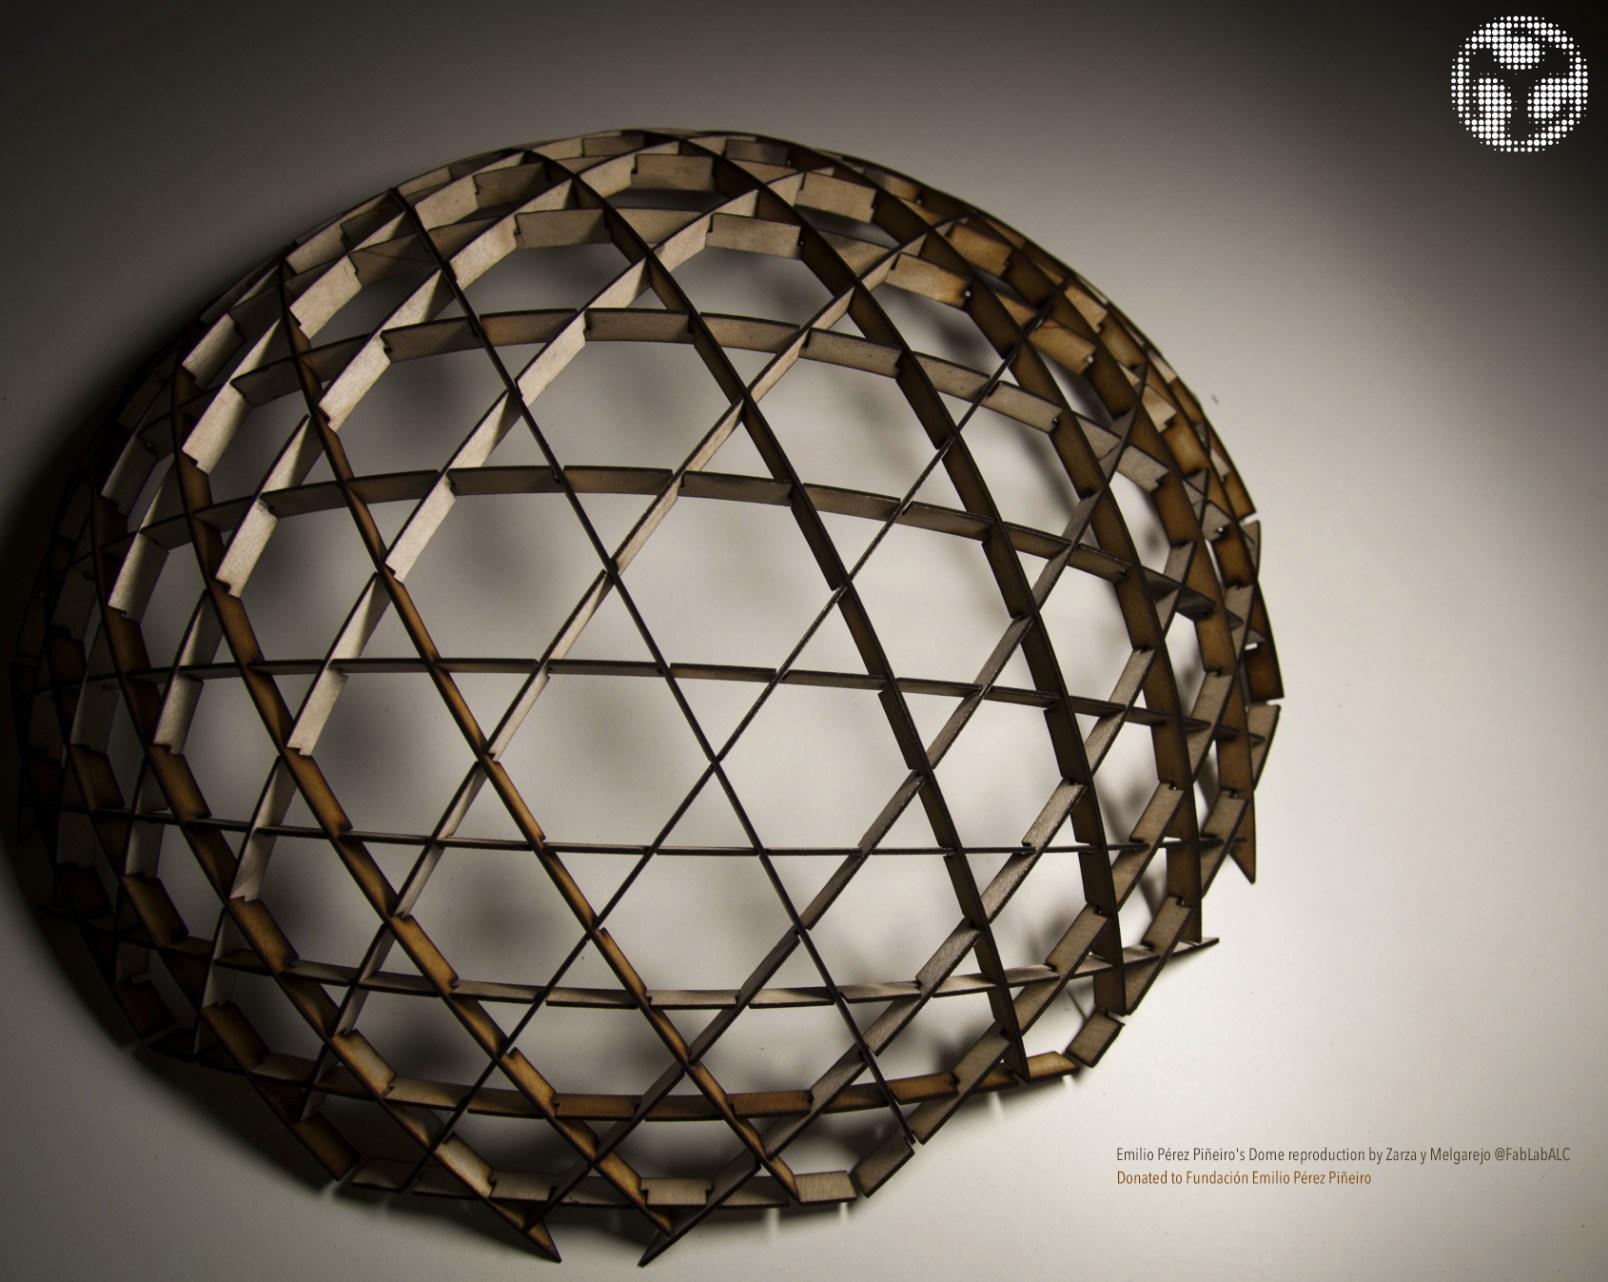 Reproducción de la cúpula proyectada por Emilio Pérez Piñeiro para el velódromo Anoeta